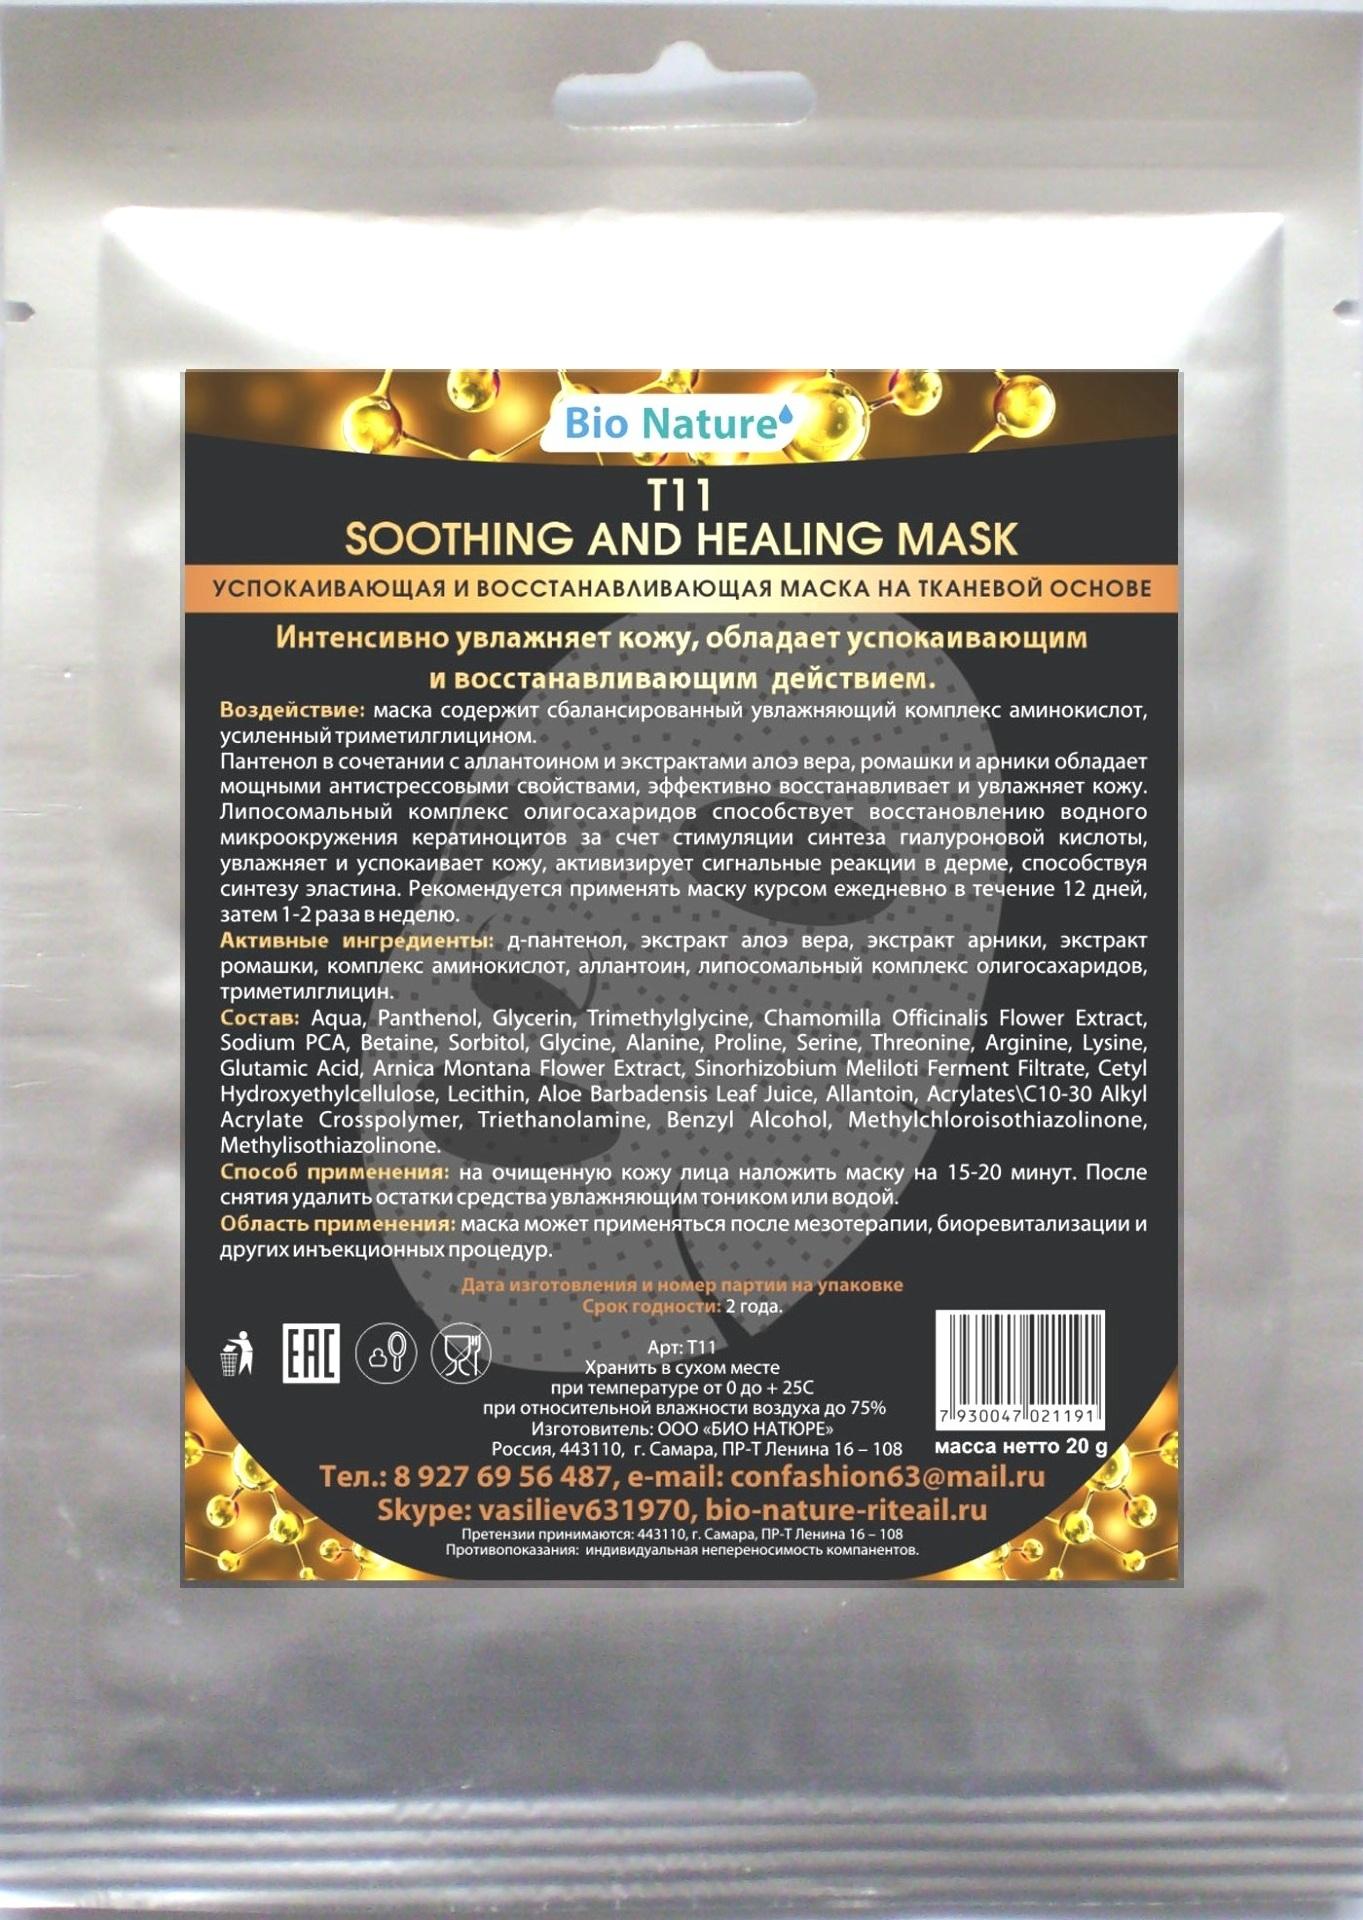 BIO NATURE Маска успокаивающая и заживляющая(спанлейс) 40гр